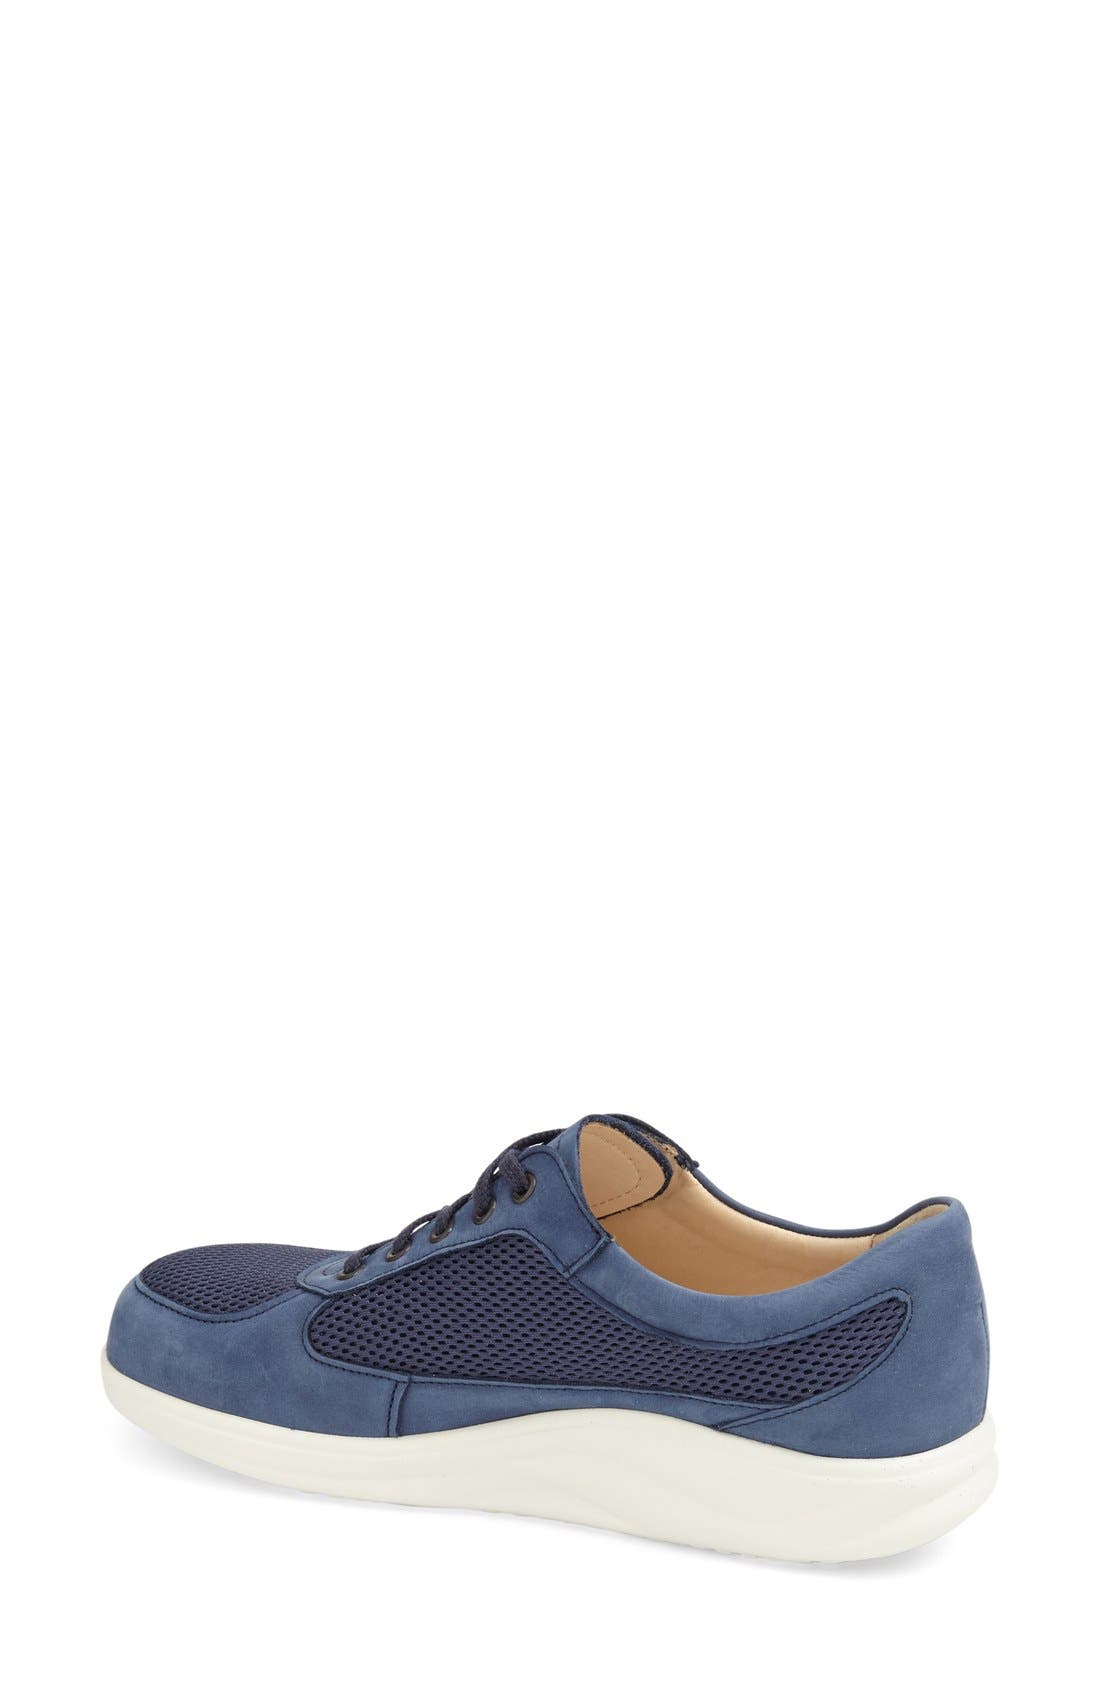 Alternate Image 2  - Finn Comfort 'Columbia' Sneaker (Women)